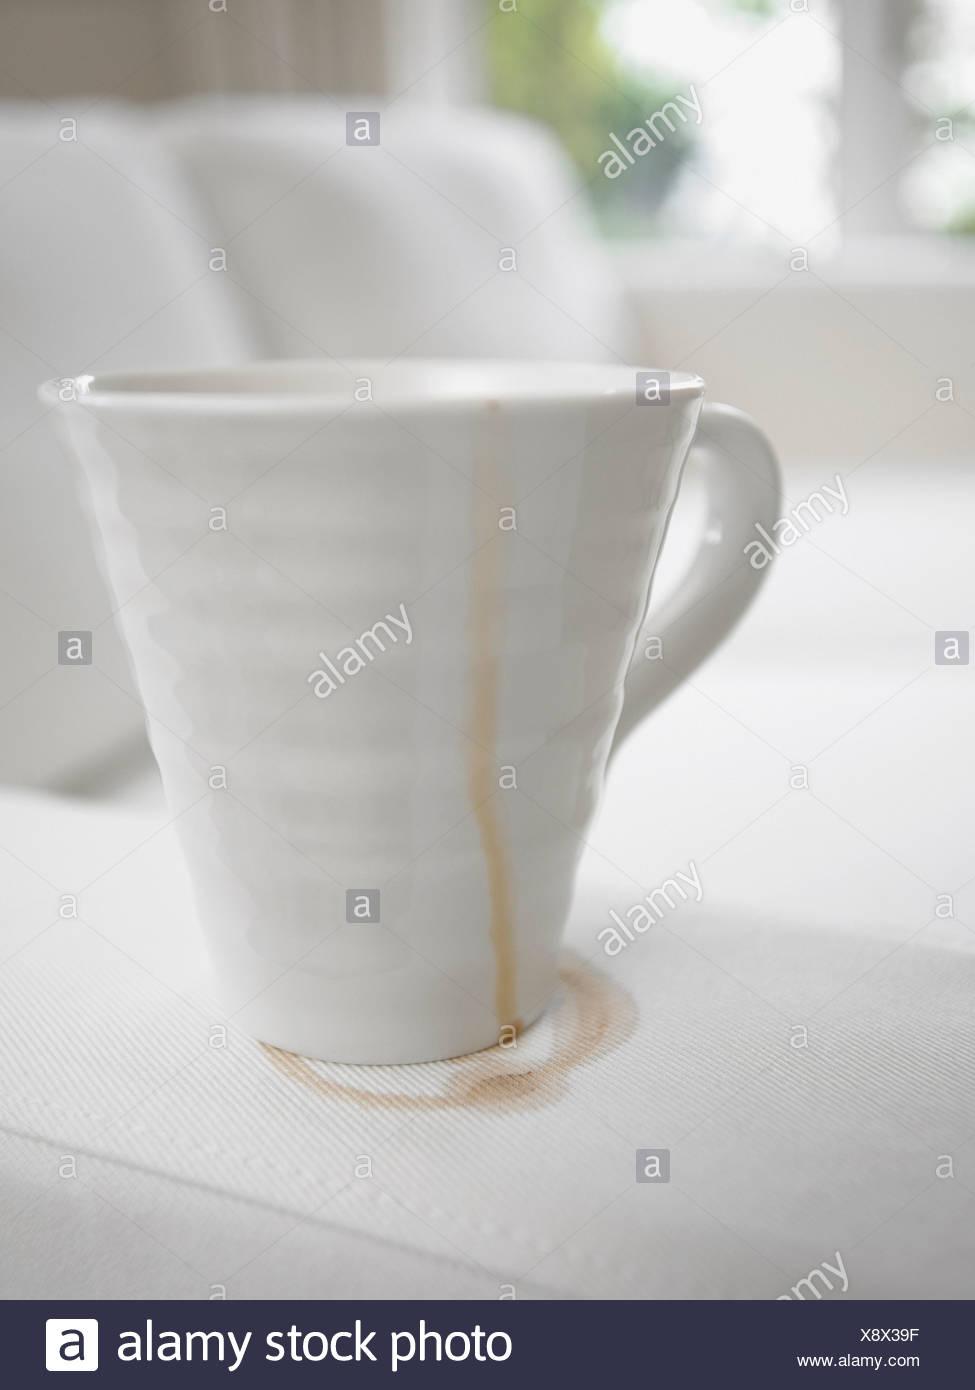 Nahaufnahme Von Kaffee Tasse Machen Flecken Auf Sofa Stockfoto Bild